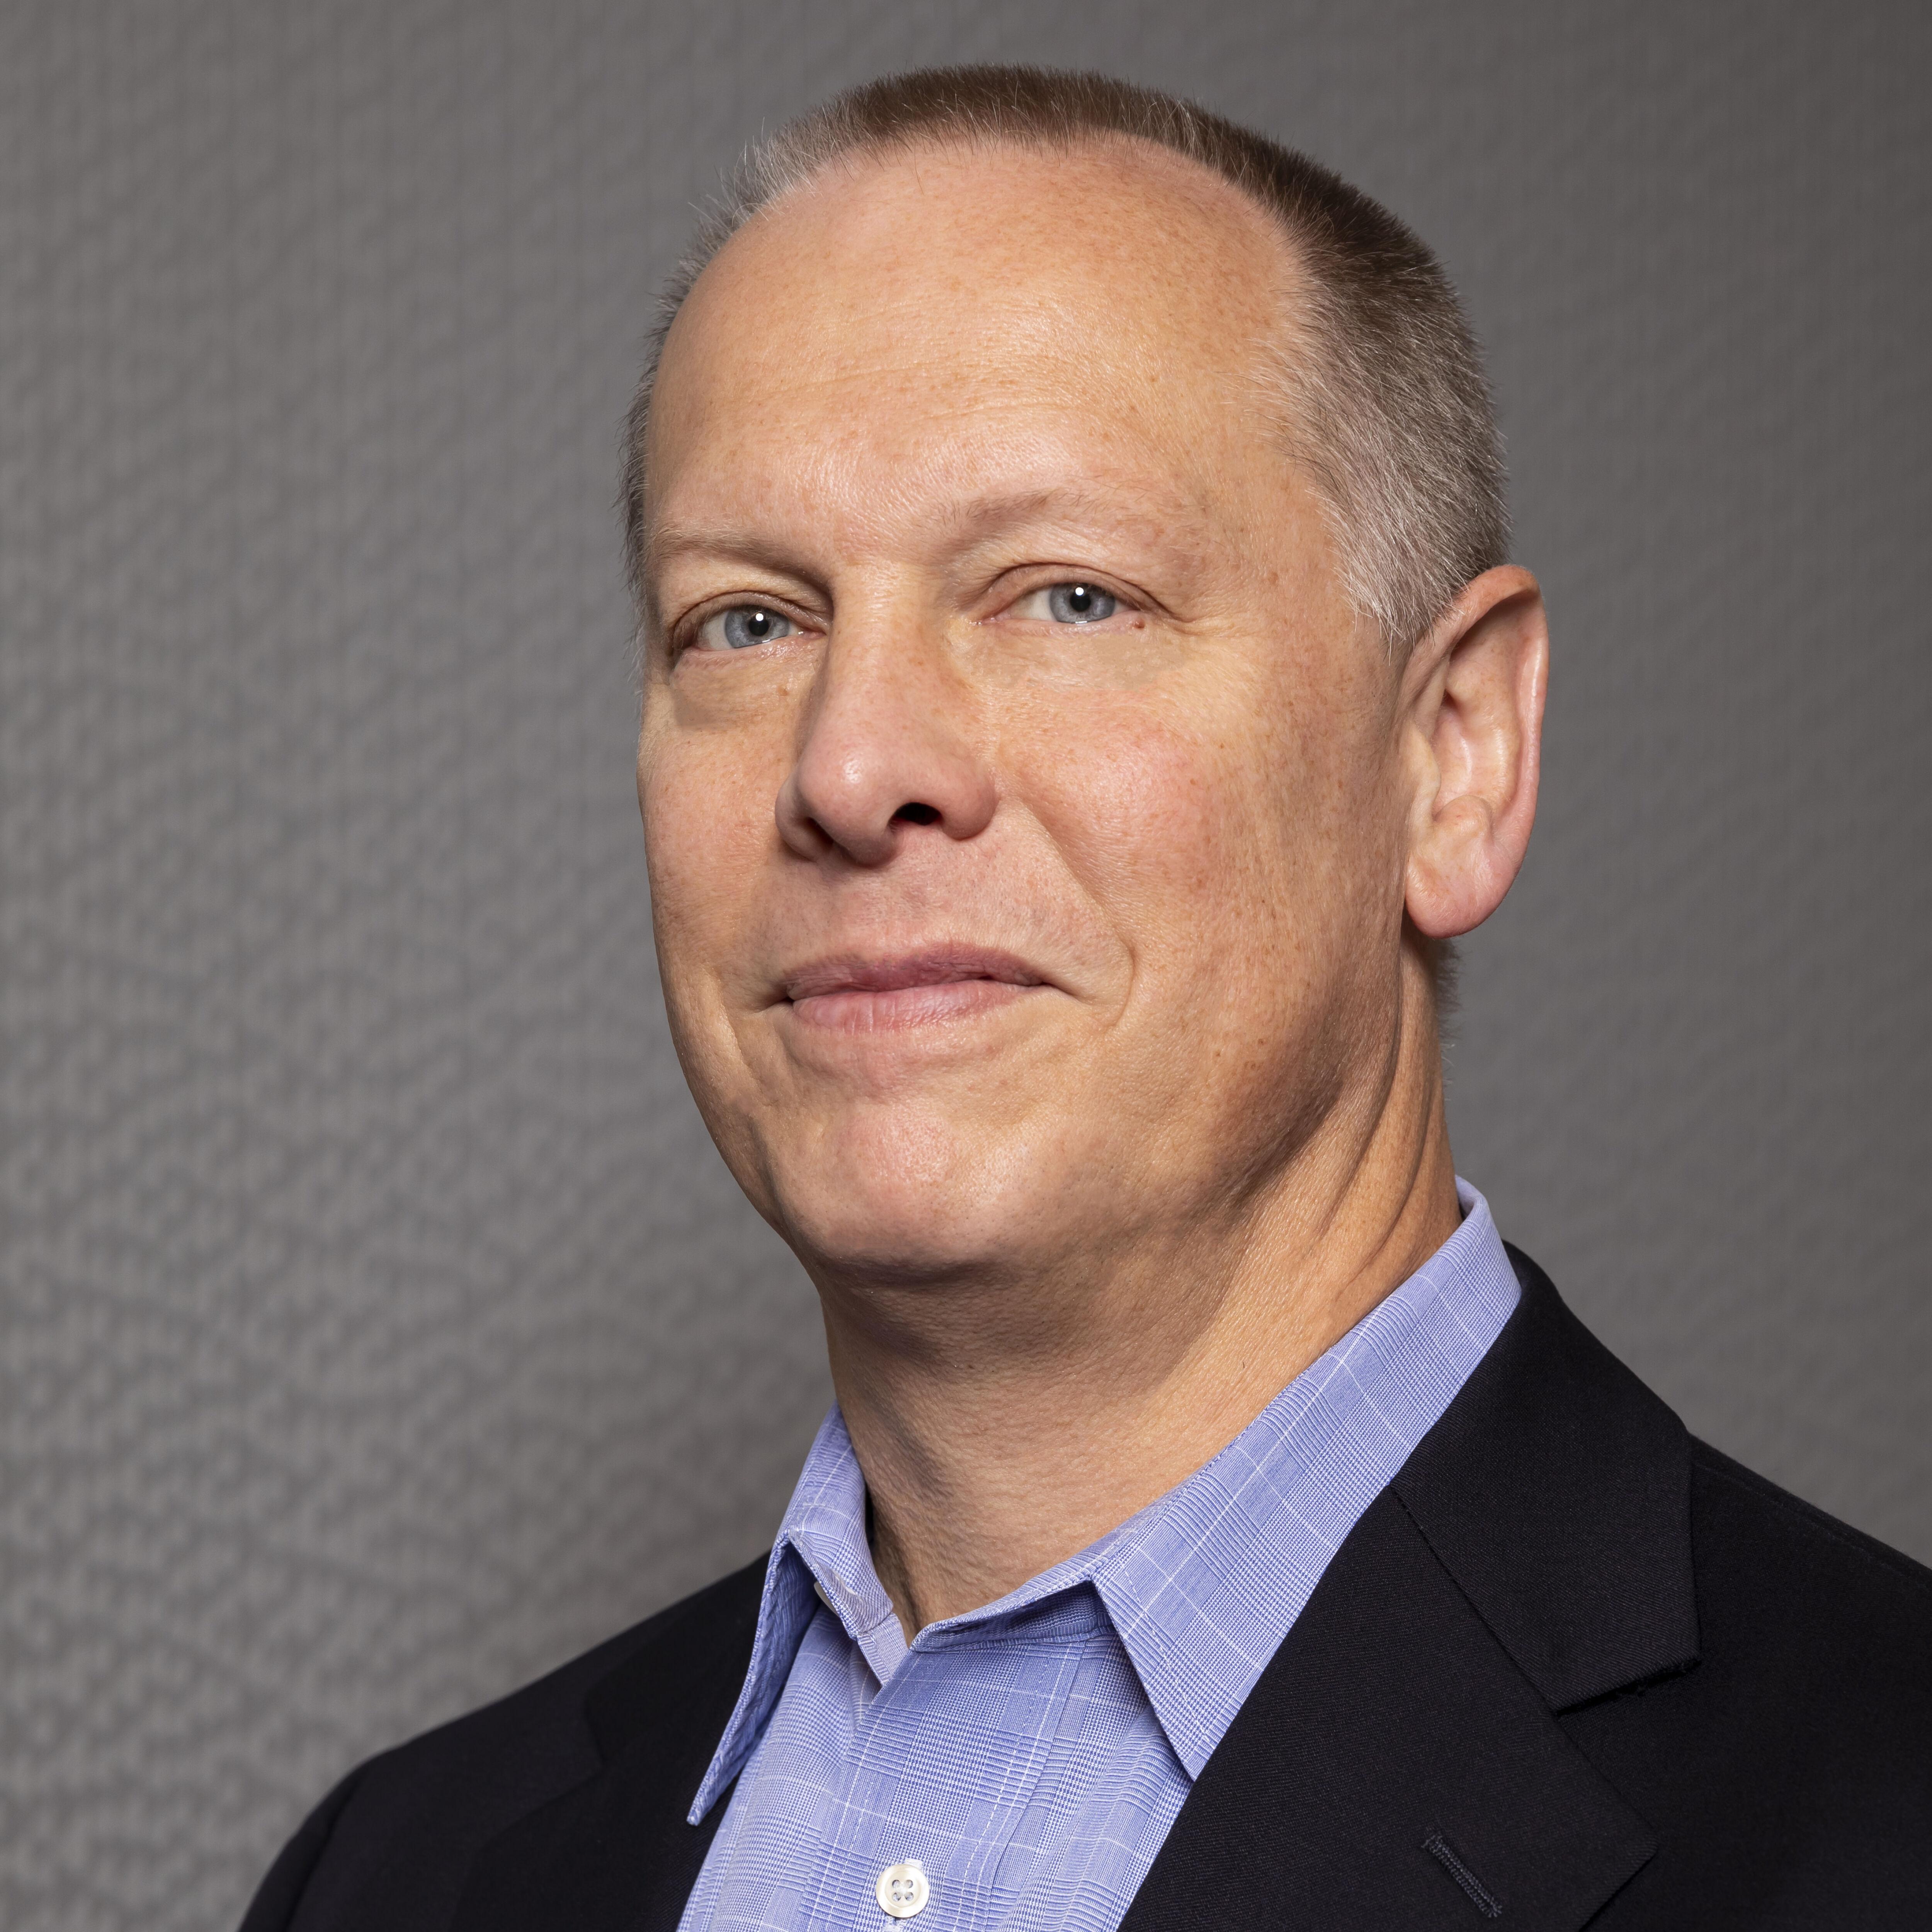 Peter Schroer